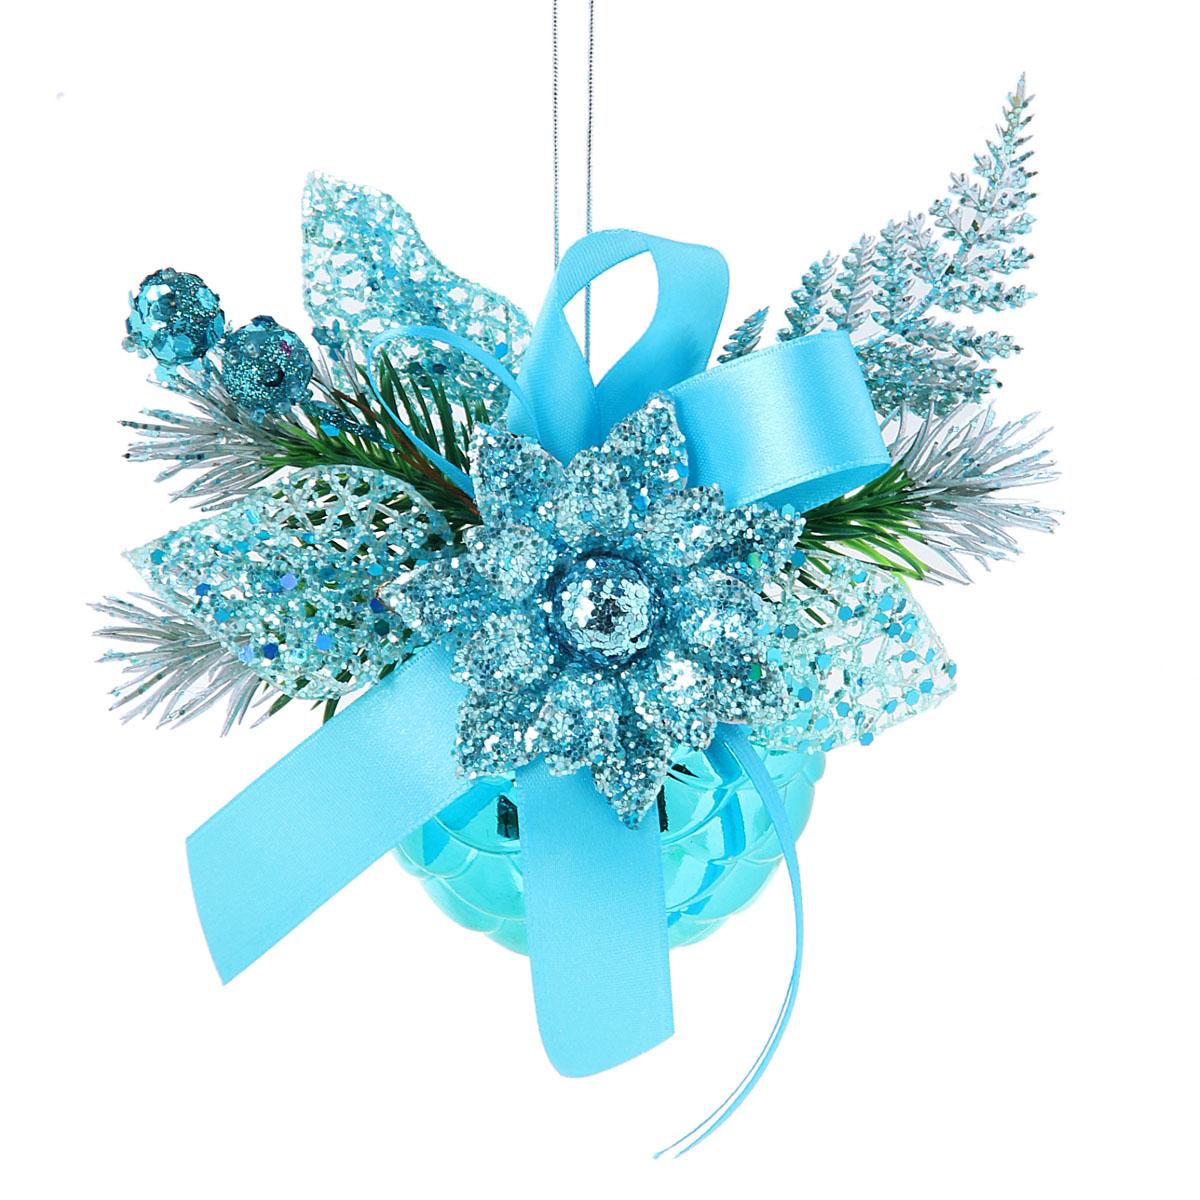 Новогоднее подвесное украшение Sima-land Шар, цвет: бирюзовый, диаметр 7 см. 813157813157Новогоднее подвесное украшение Sima-land Шар, выполненное из пластика, прекрасно подойдет для праздничного декора новогодней ели. Шар украшен веточками ели, бантом и цветочком. Для удобного размещения на елке для шара предусмотрена текстильная петелька. Елочная игрушка - символ Нового года. Она несет в себе волшебство и красоту праздника. Создайте в своем доме атмосферу веселья и радости, украшая новогоднюю елку нарядными игрушками, которые будут из года в год накапливать теплоту воспоминаний. Коллекция декоративных украшений принесет в ваш дом ни с чем несравнимое ощущение волшебства! Откройте для себя удивительный мир сказок и грез. Почувствуйте волшебные минуты ожидания праздника, создайте новогоднее настроение вашим дорогим и близким. Диаметр шара: 7 см. Материал: пластик, текстиль.